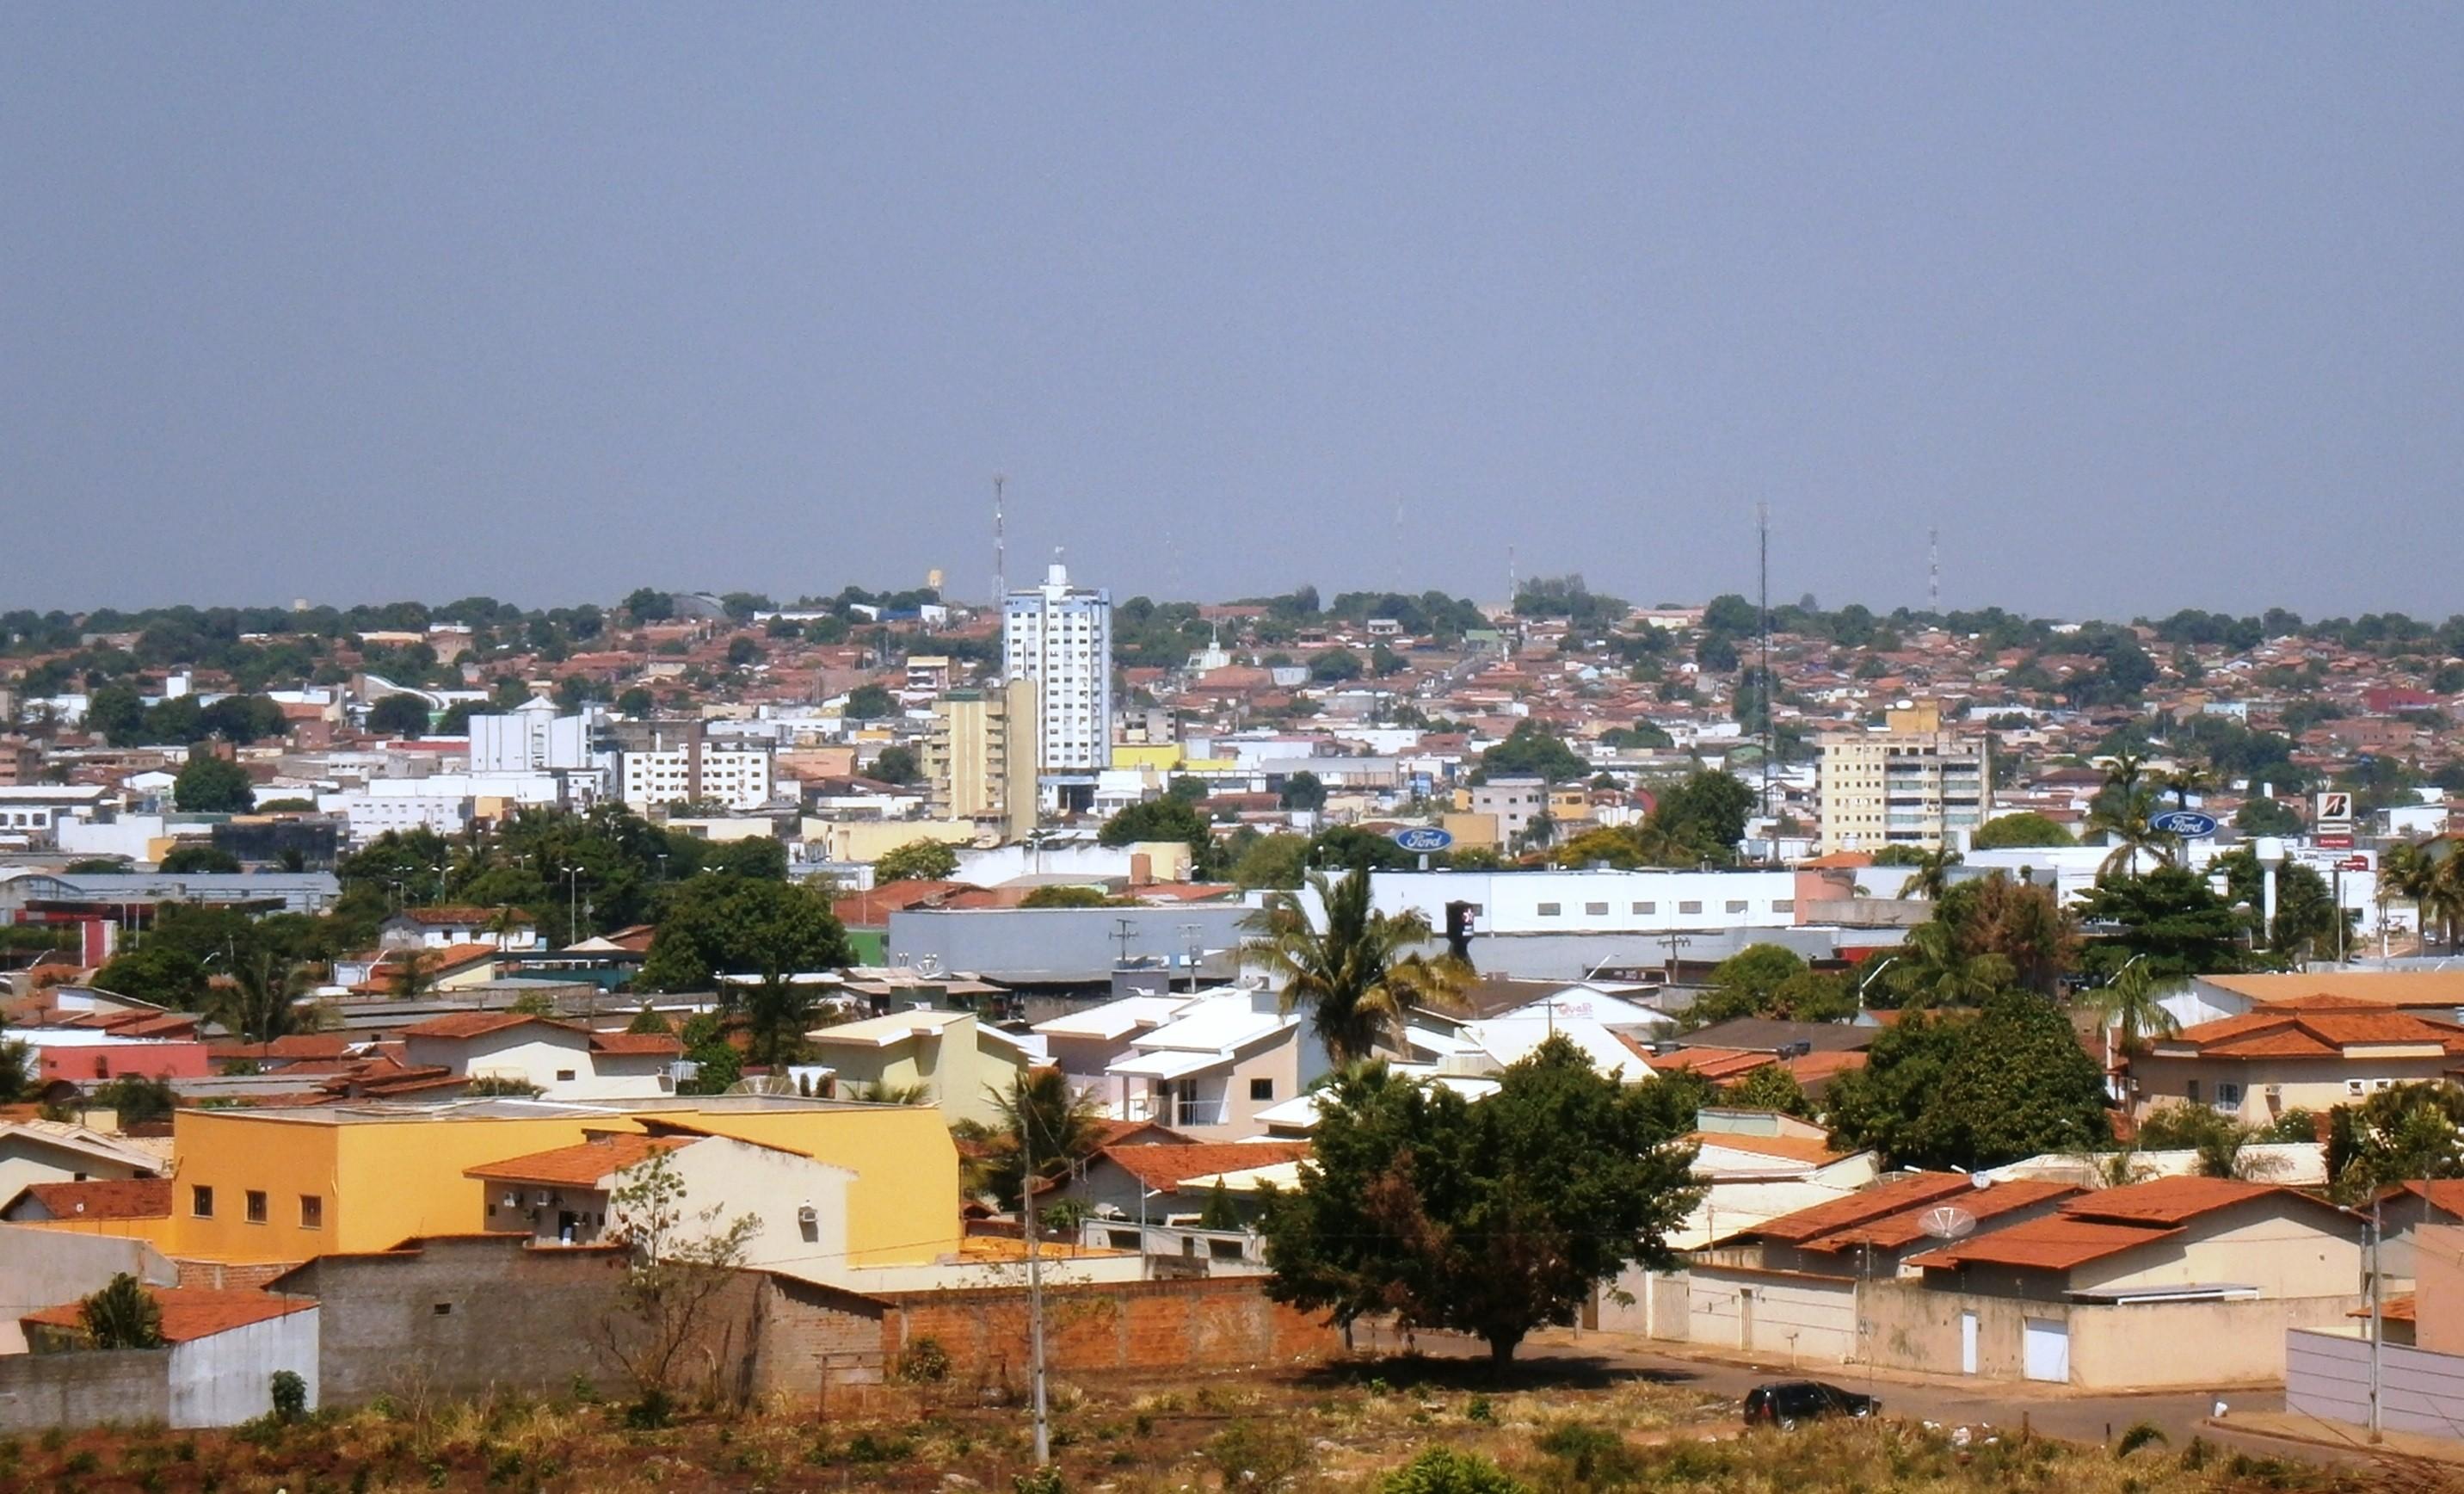 Polícia abre investigação contra donos de chácara usada para festas durante lockdown em Araguaína